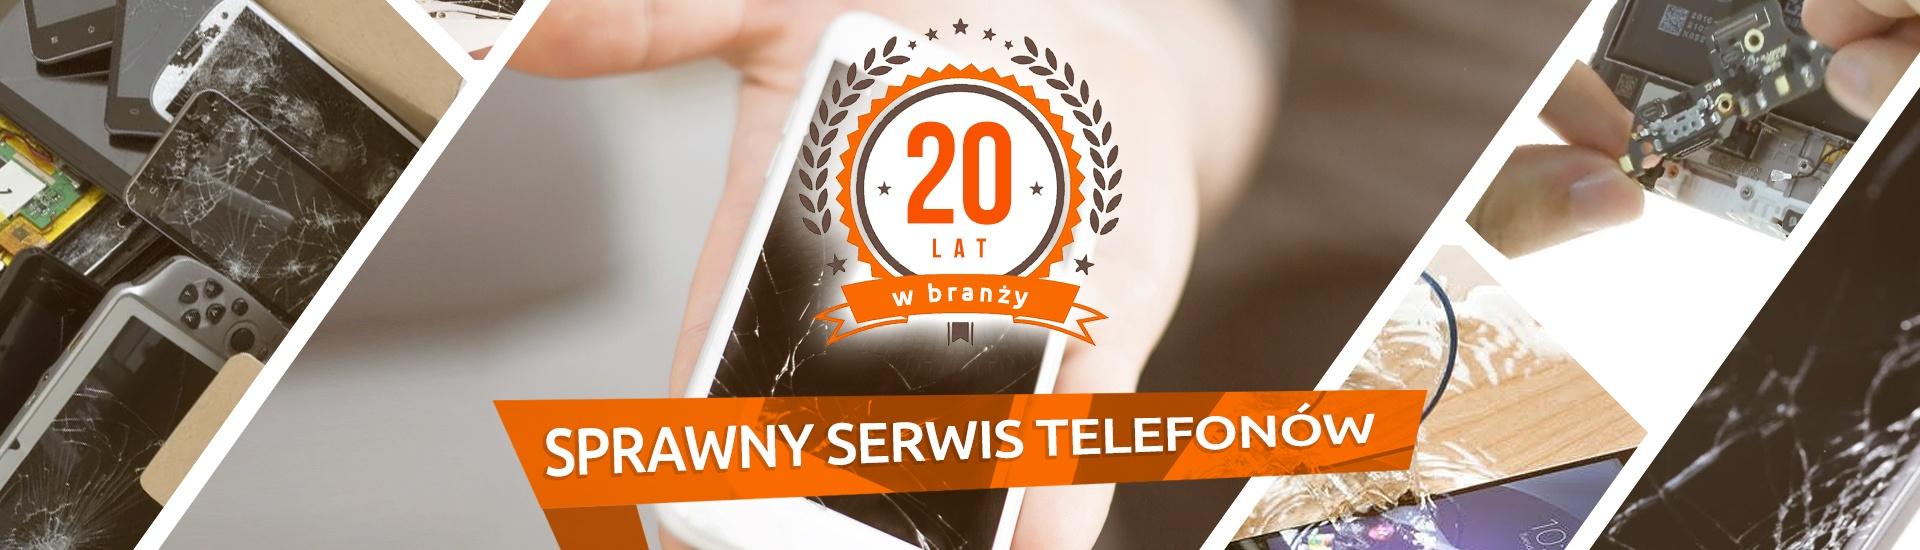 Serwis telefonów w Krakowie od 20 lat. Prestige GSM - naprawa smartfonów